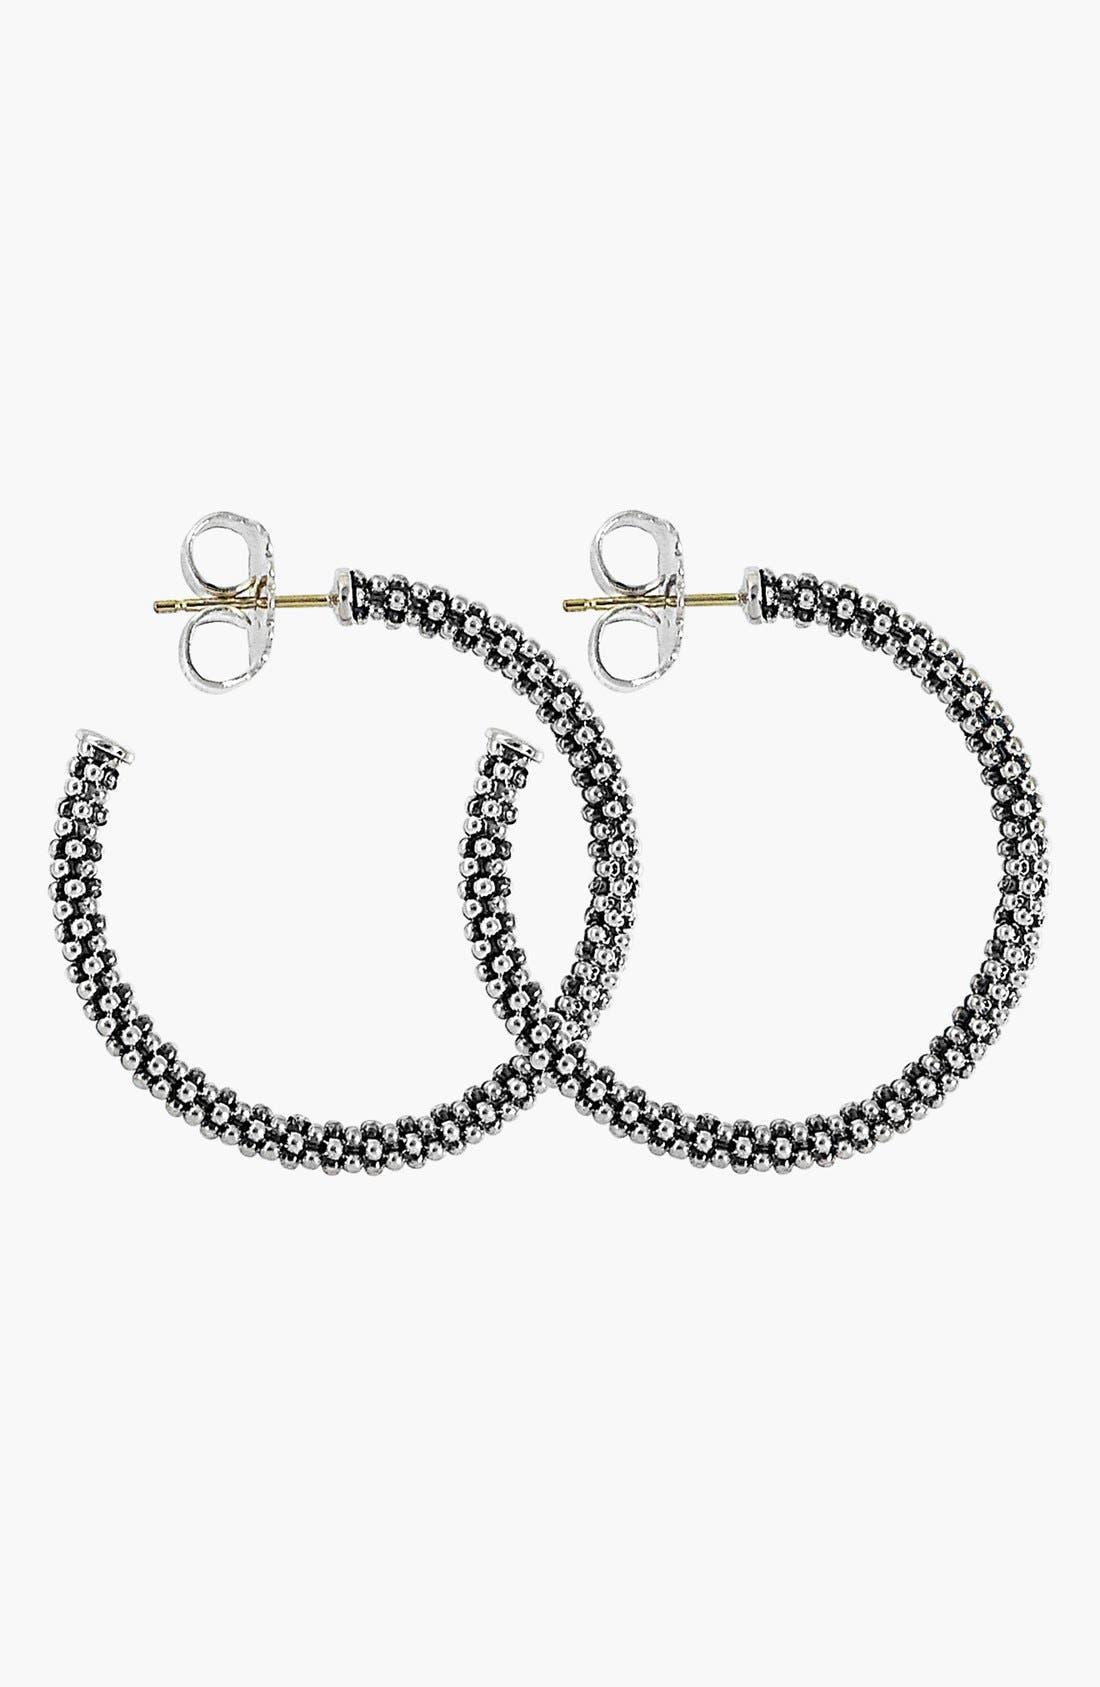 Caviar Hoop Earrings,                             Alternate thumbnail 6, color,                             STERLING SILVER